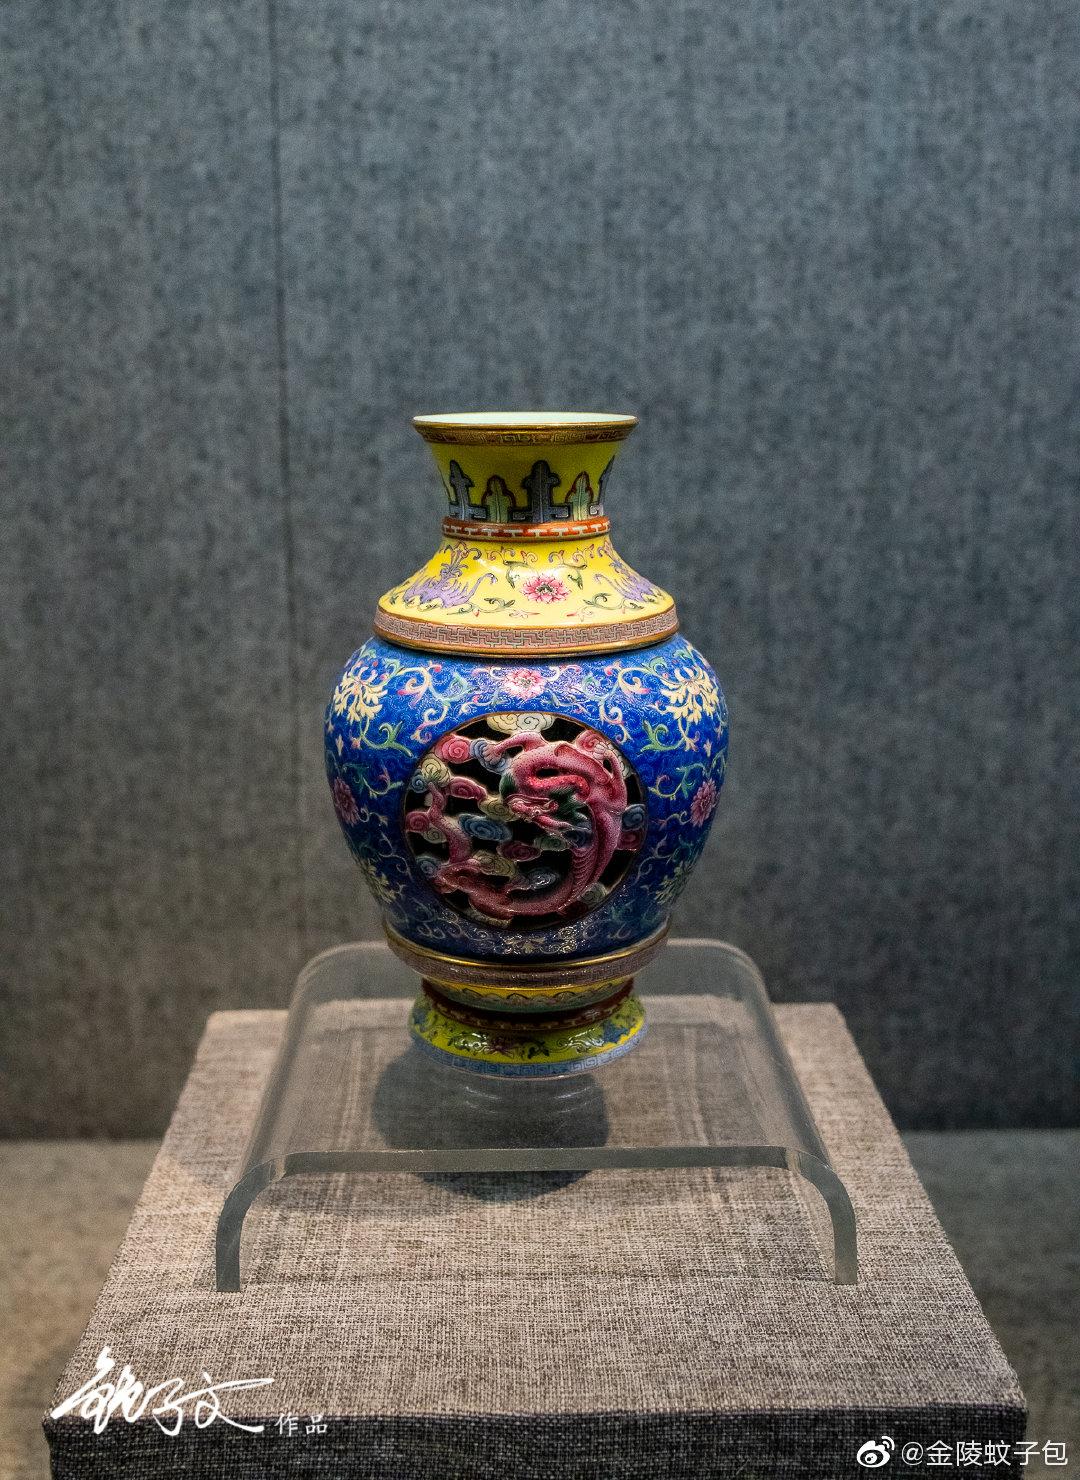 漫步扬州博物馆里,瓷器,一直是文物里最难拍的类别,灯光的反光